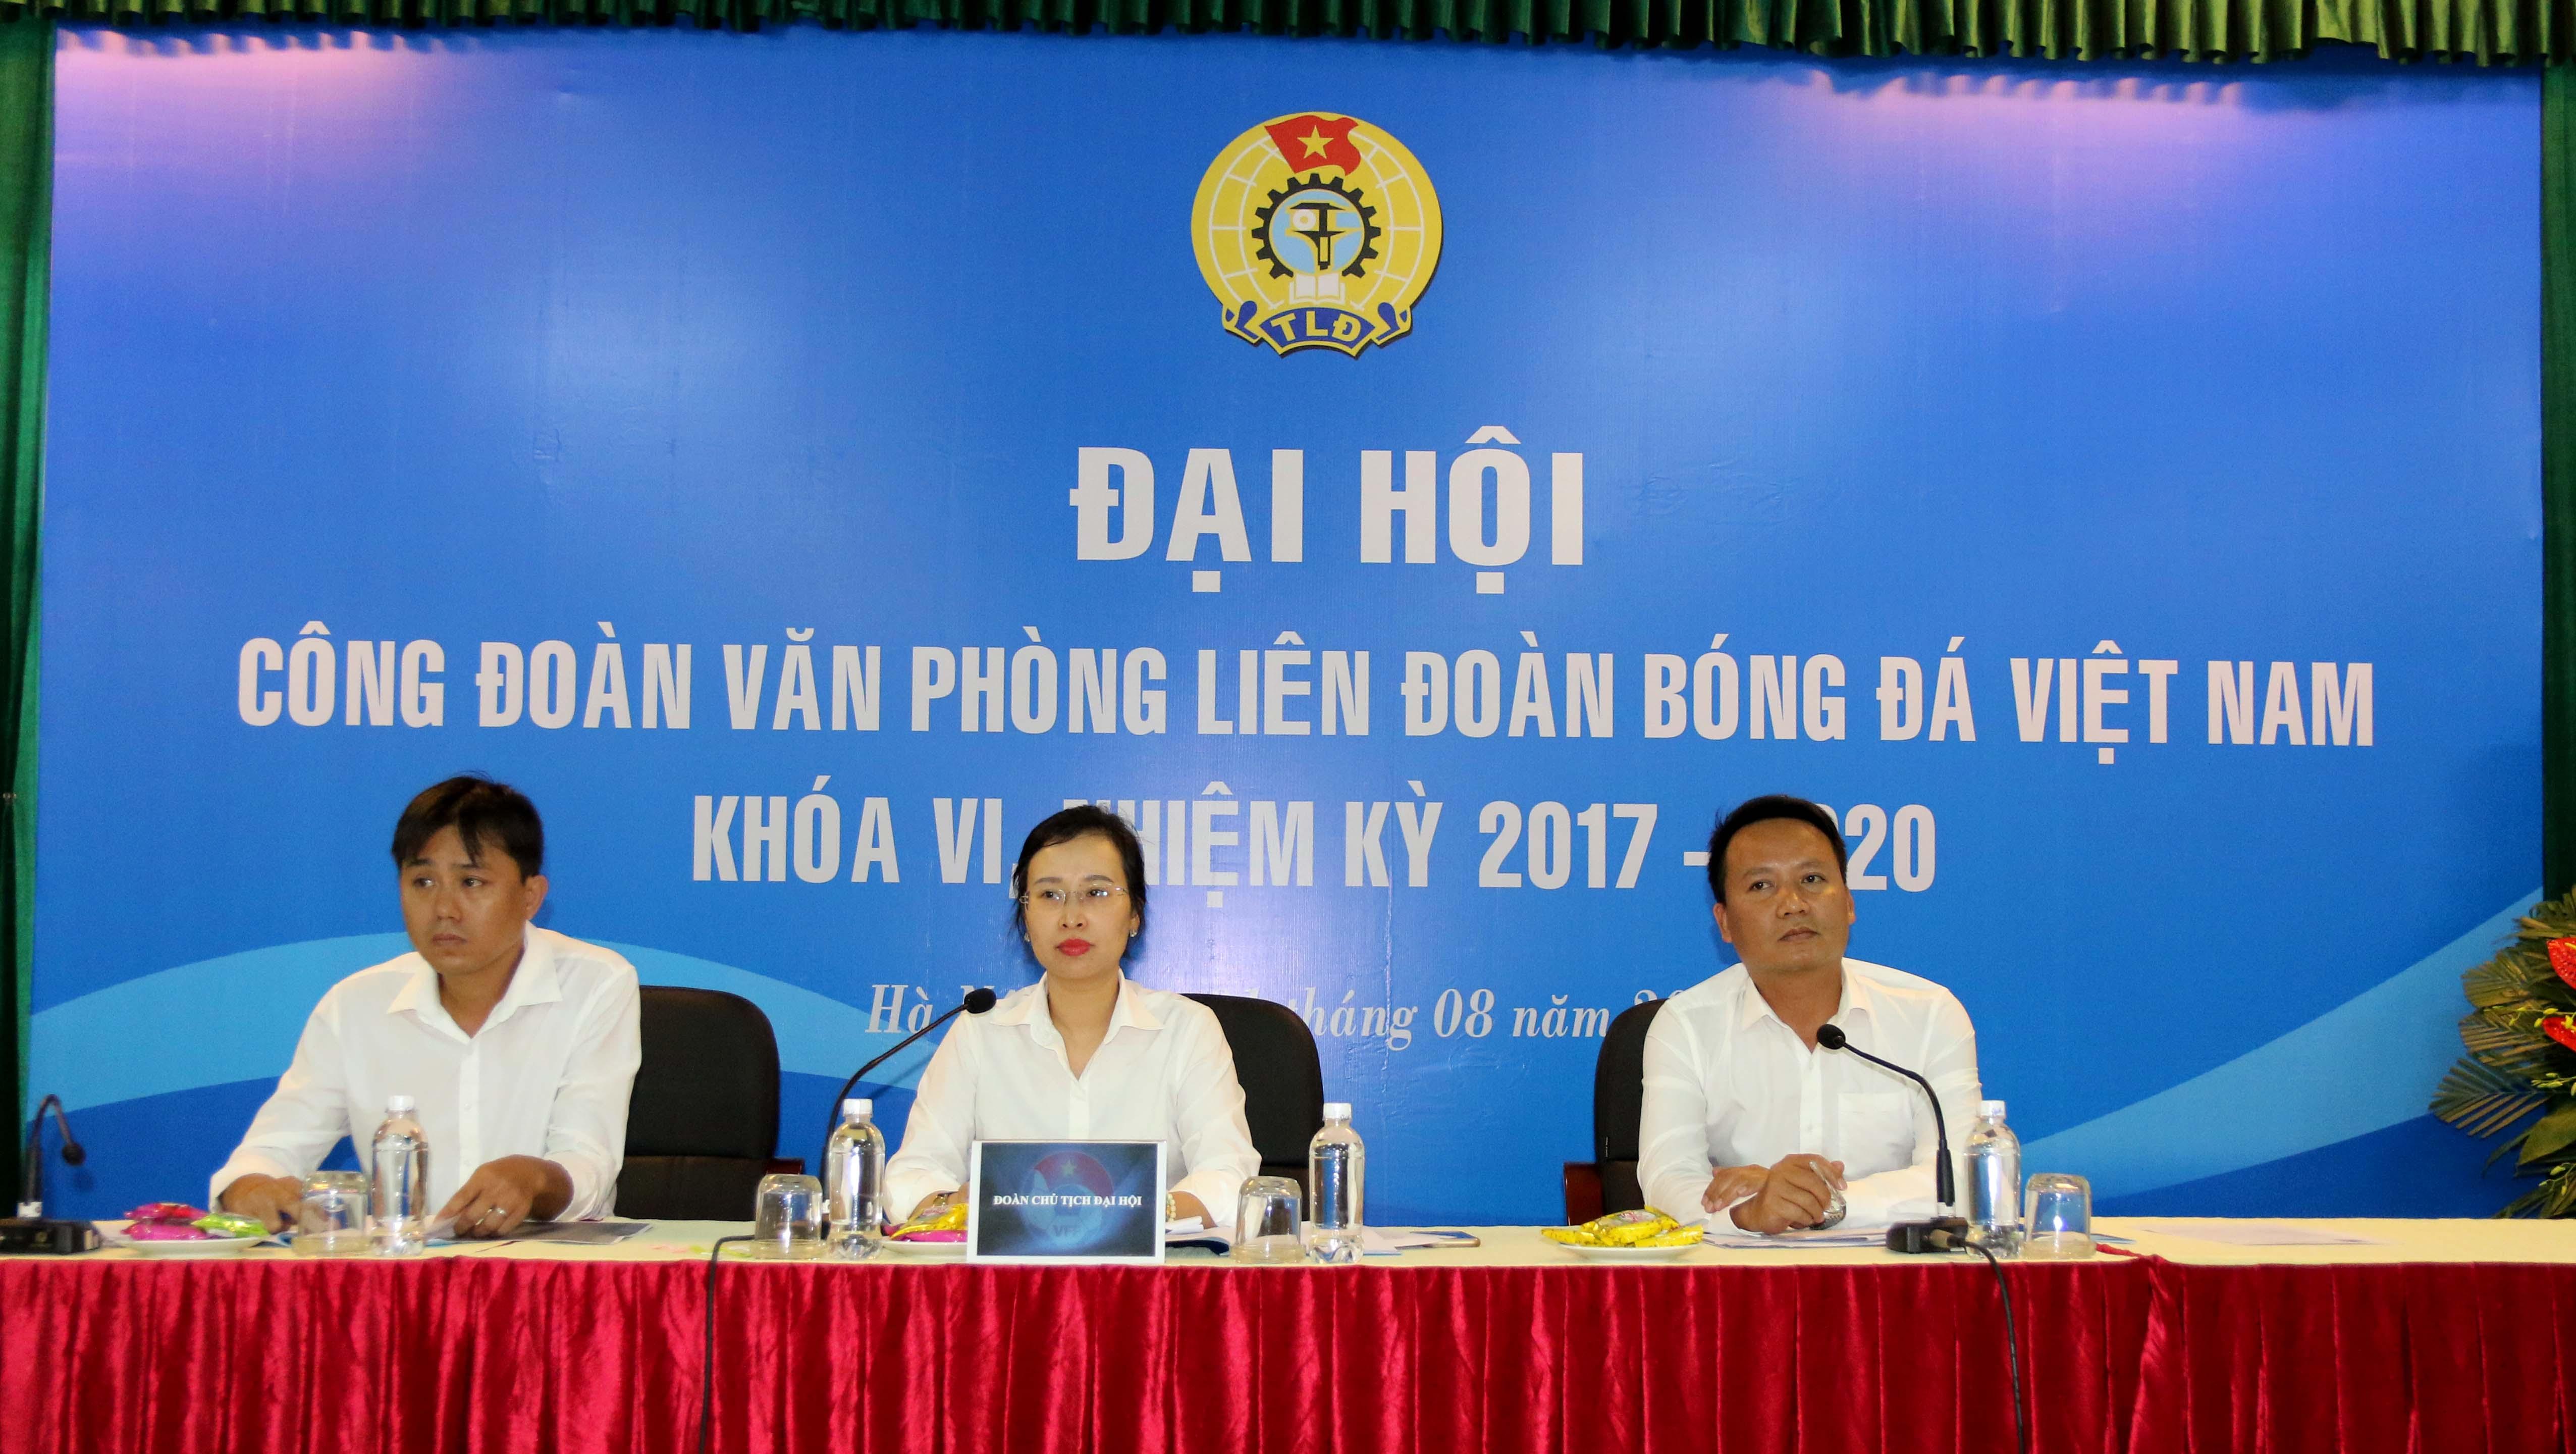 Chùm ảnh Đại hội Công đoàn VP LĐBĐVN lần thứ VI (nhiệm kỳ 2017-2020)